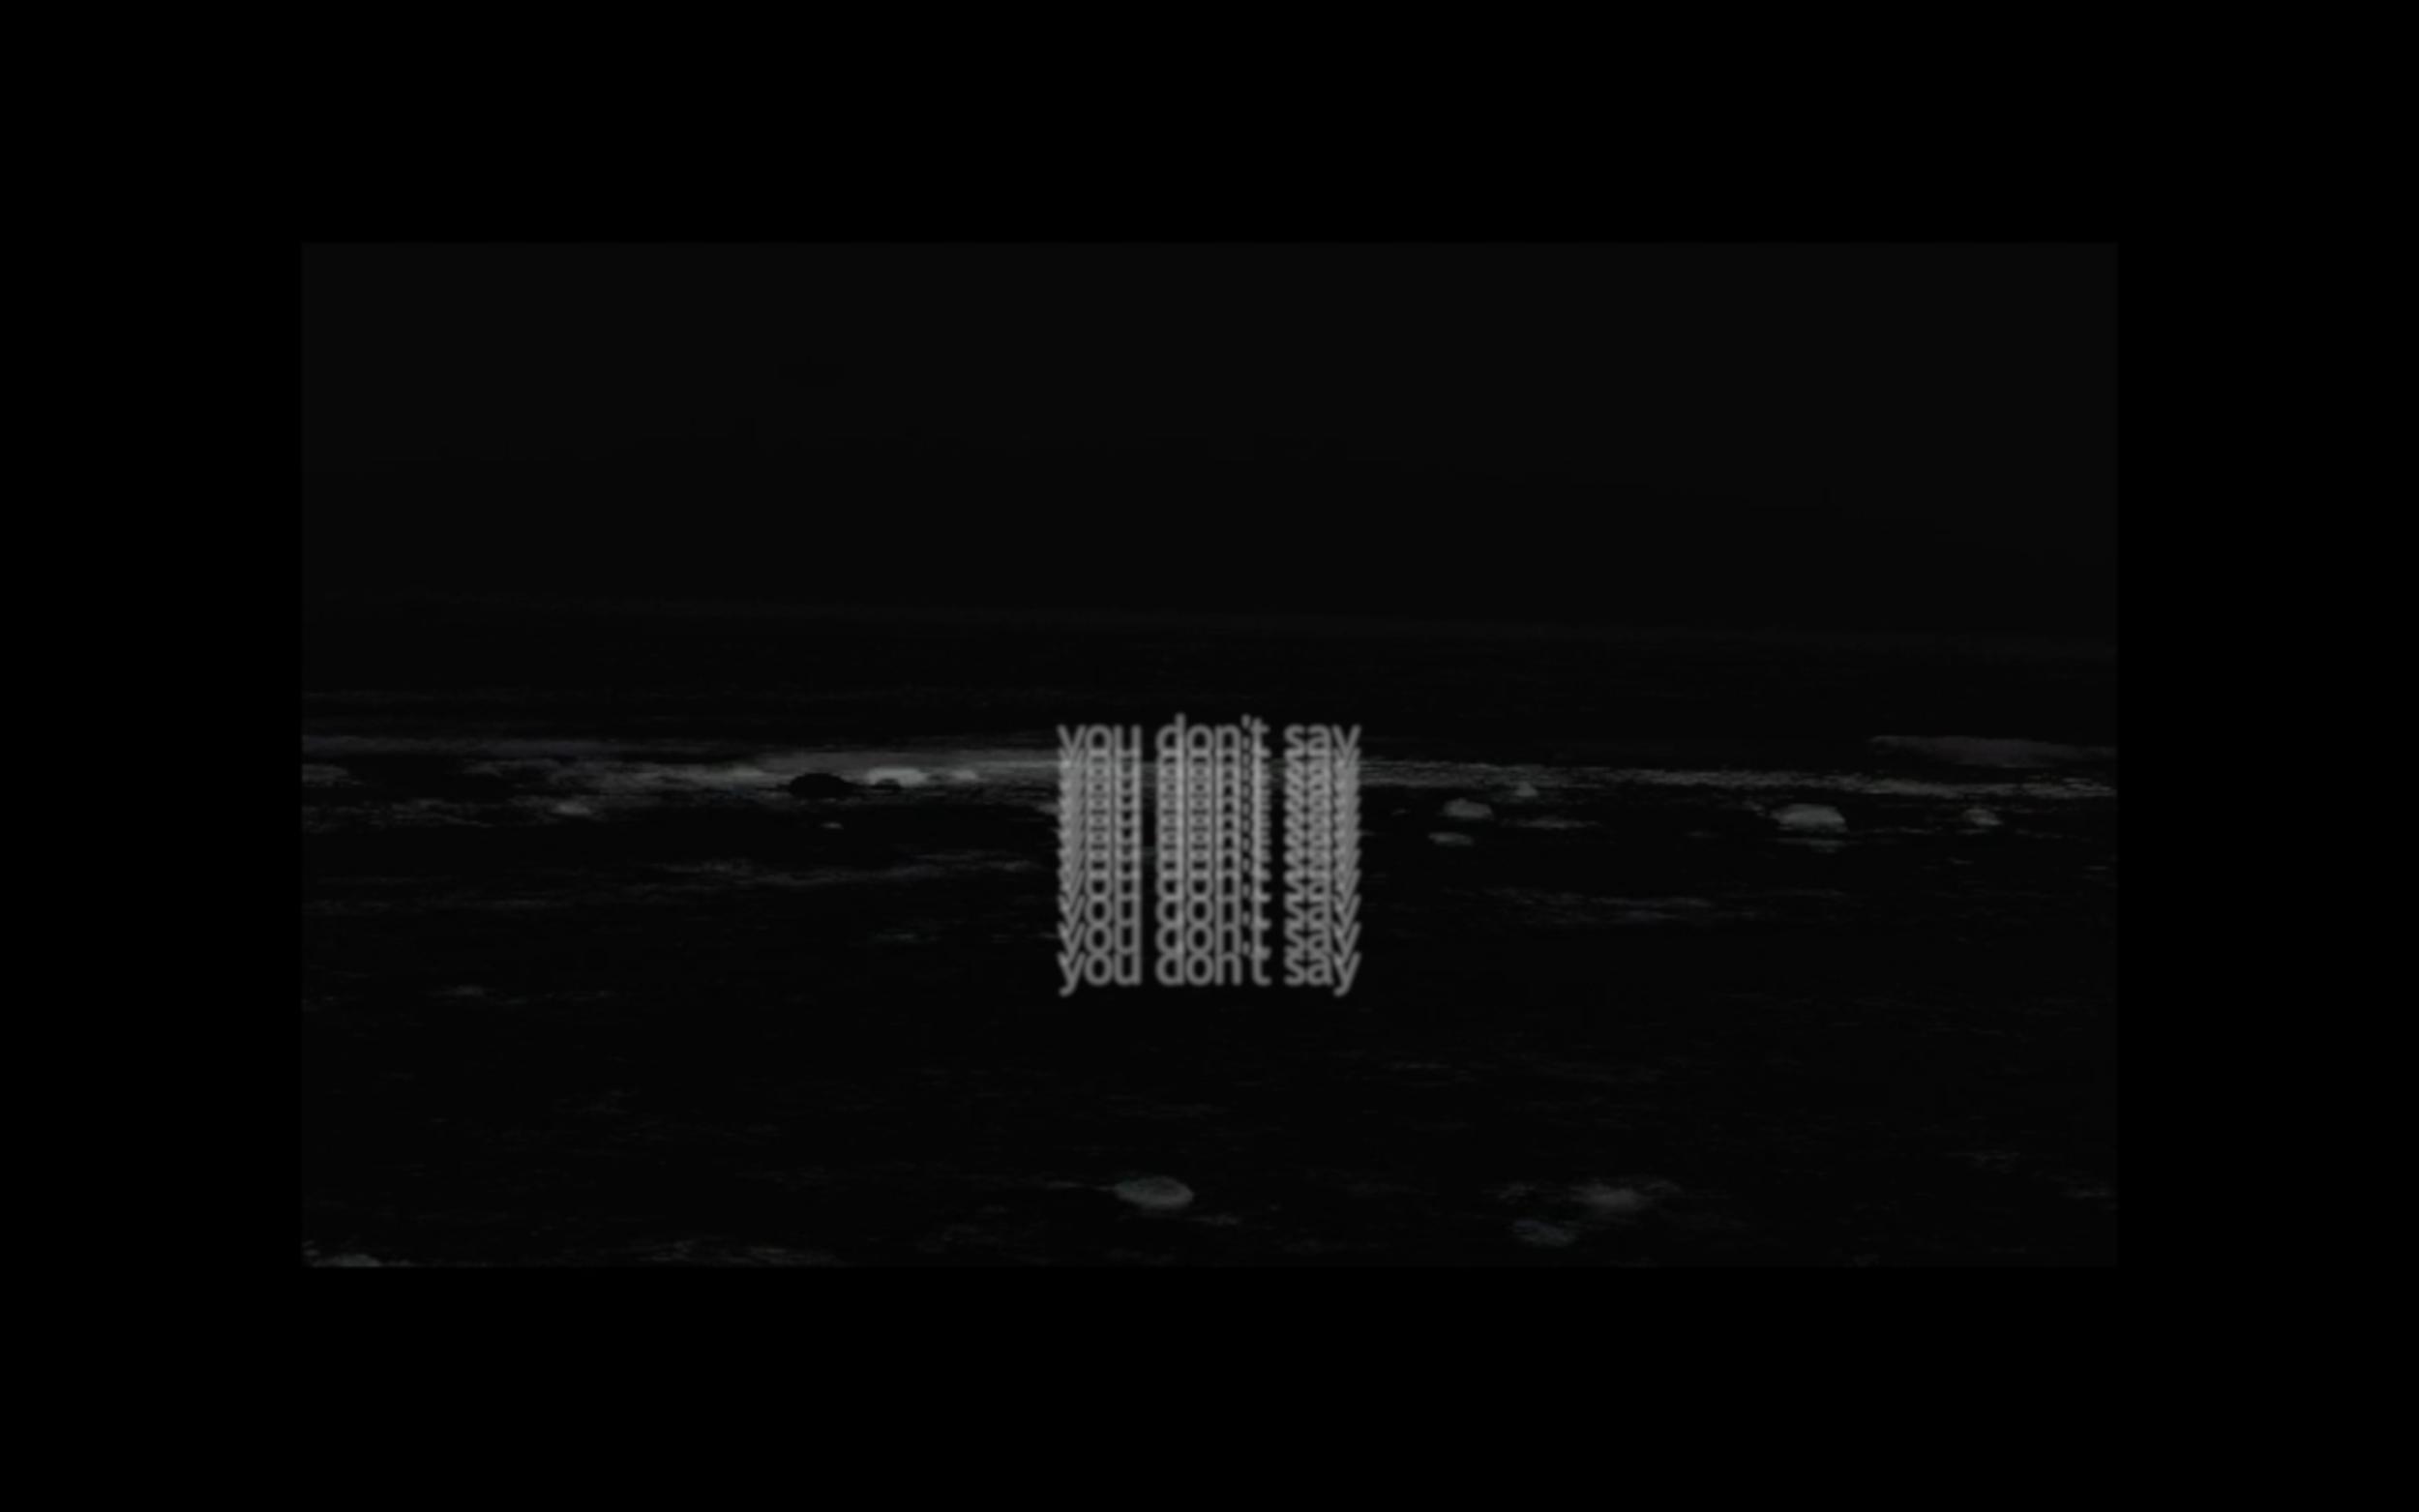 Screen Shot 2018-06-21 at 15.11.25.png